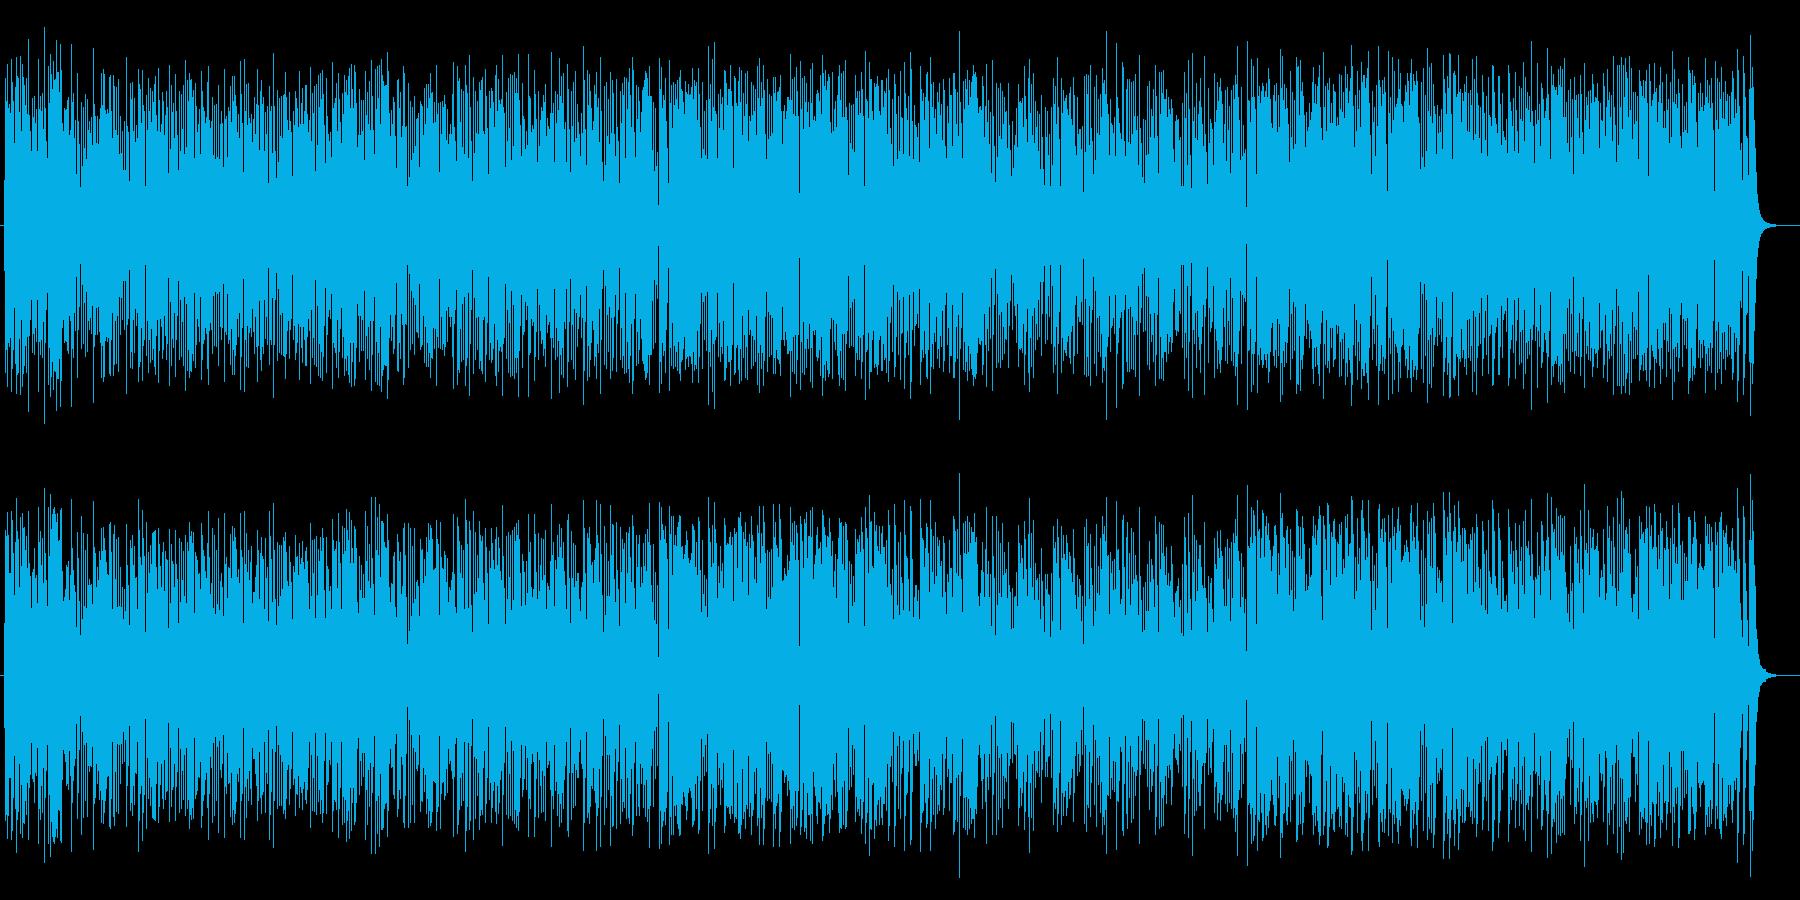 コミカルなリズムの楽しいミュージックの再生済みの波形